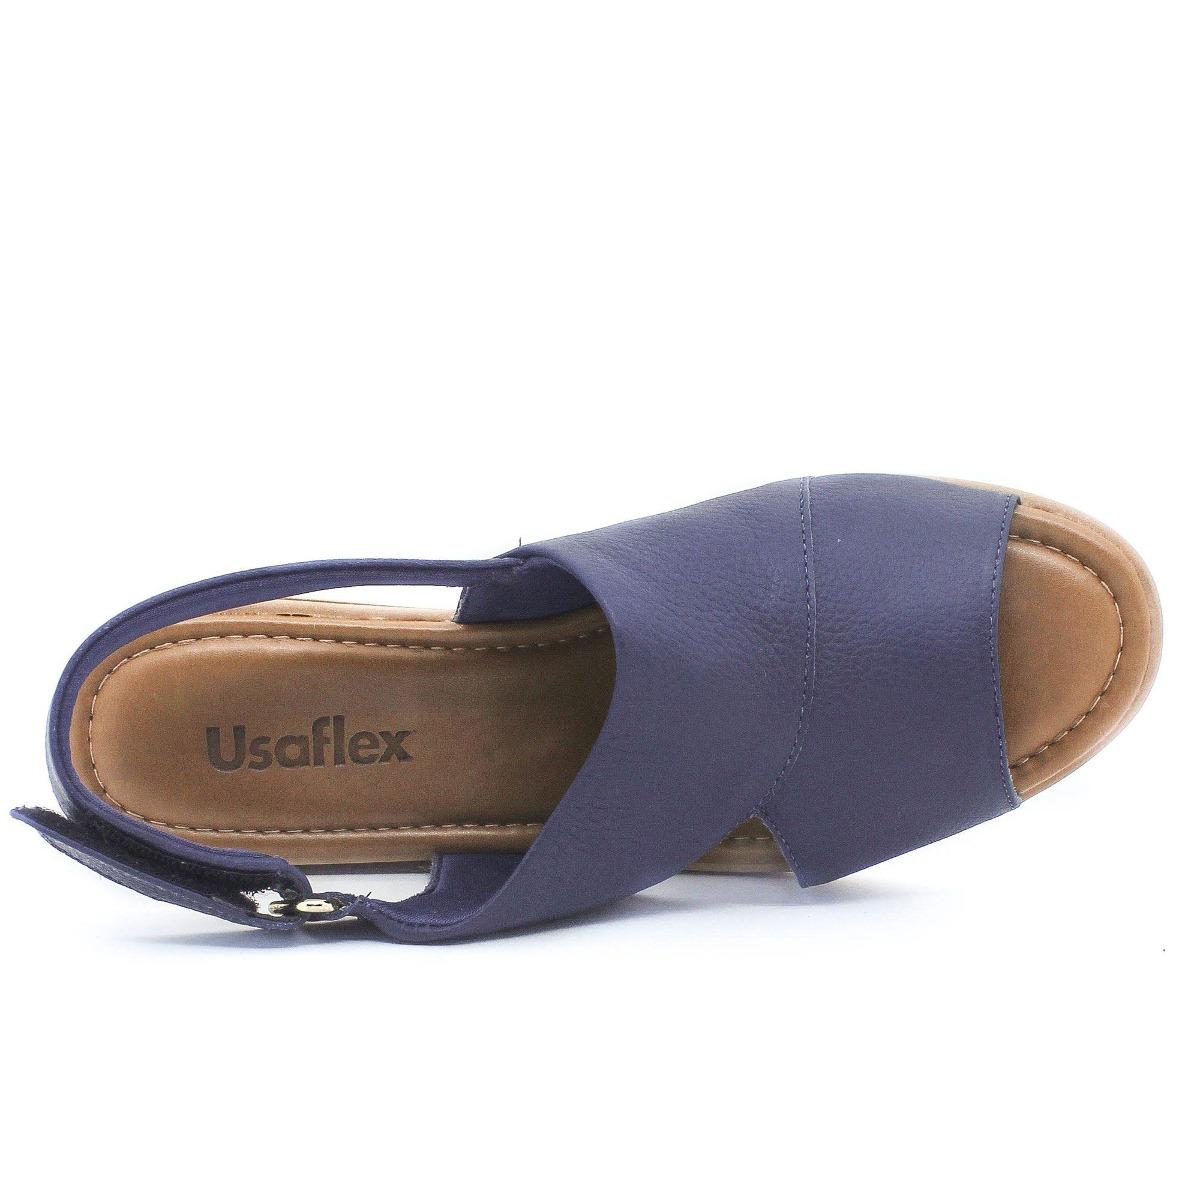 846c122b6a sandália usaflex super conforto marinho coleção verão 2019. Carregando zoom.